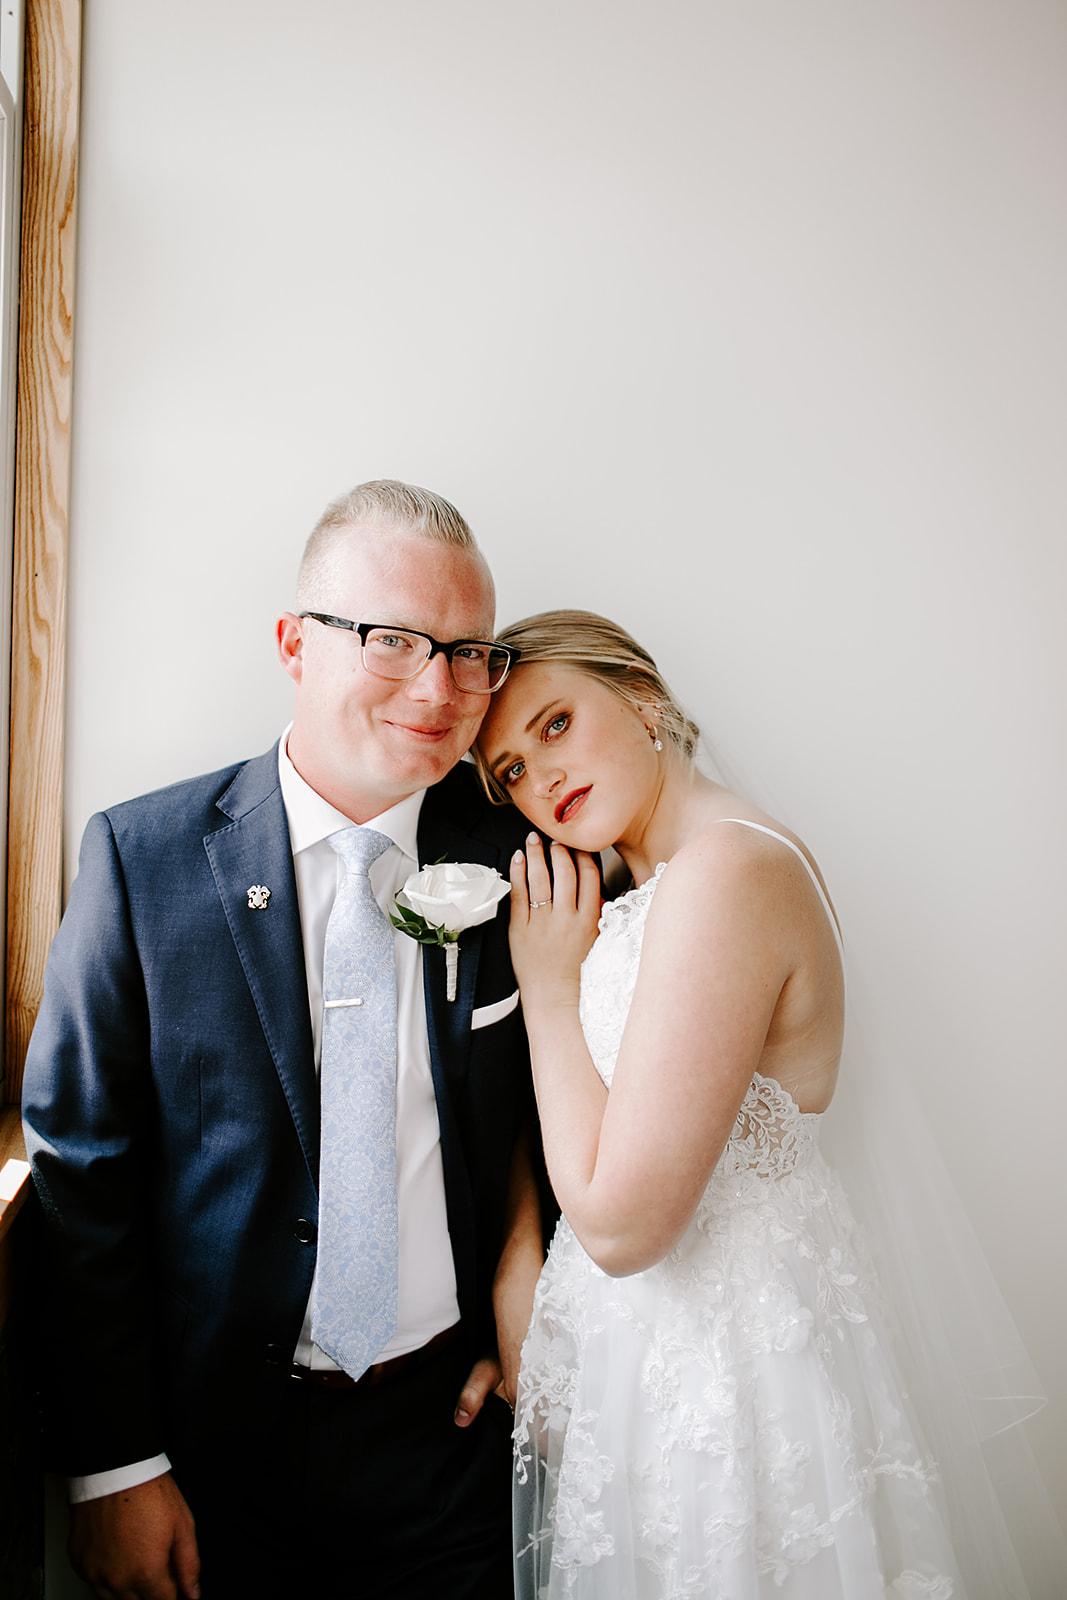 Rachel and Elliot Tinker House Wedding Indianapolis Indiana Emily Elyse Wehner Photography LLC198.jpg